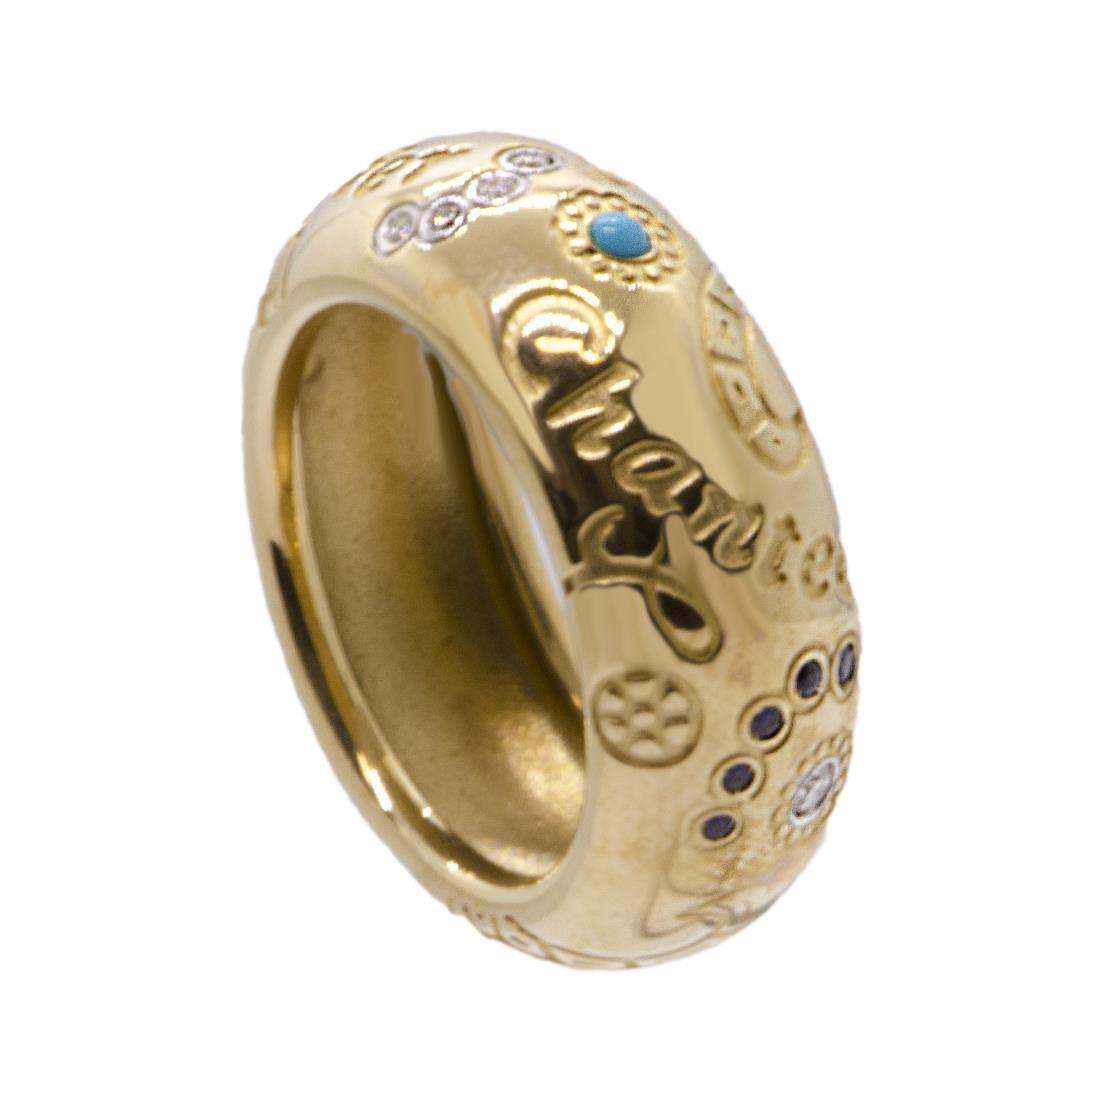 Anello Chantecler in oro giallo 9 kt con diamanti, zaffiri, rubini, smeraldi e turchese misura 15 - CHANTECLER